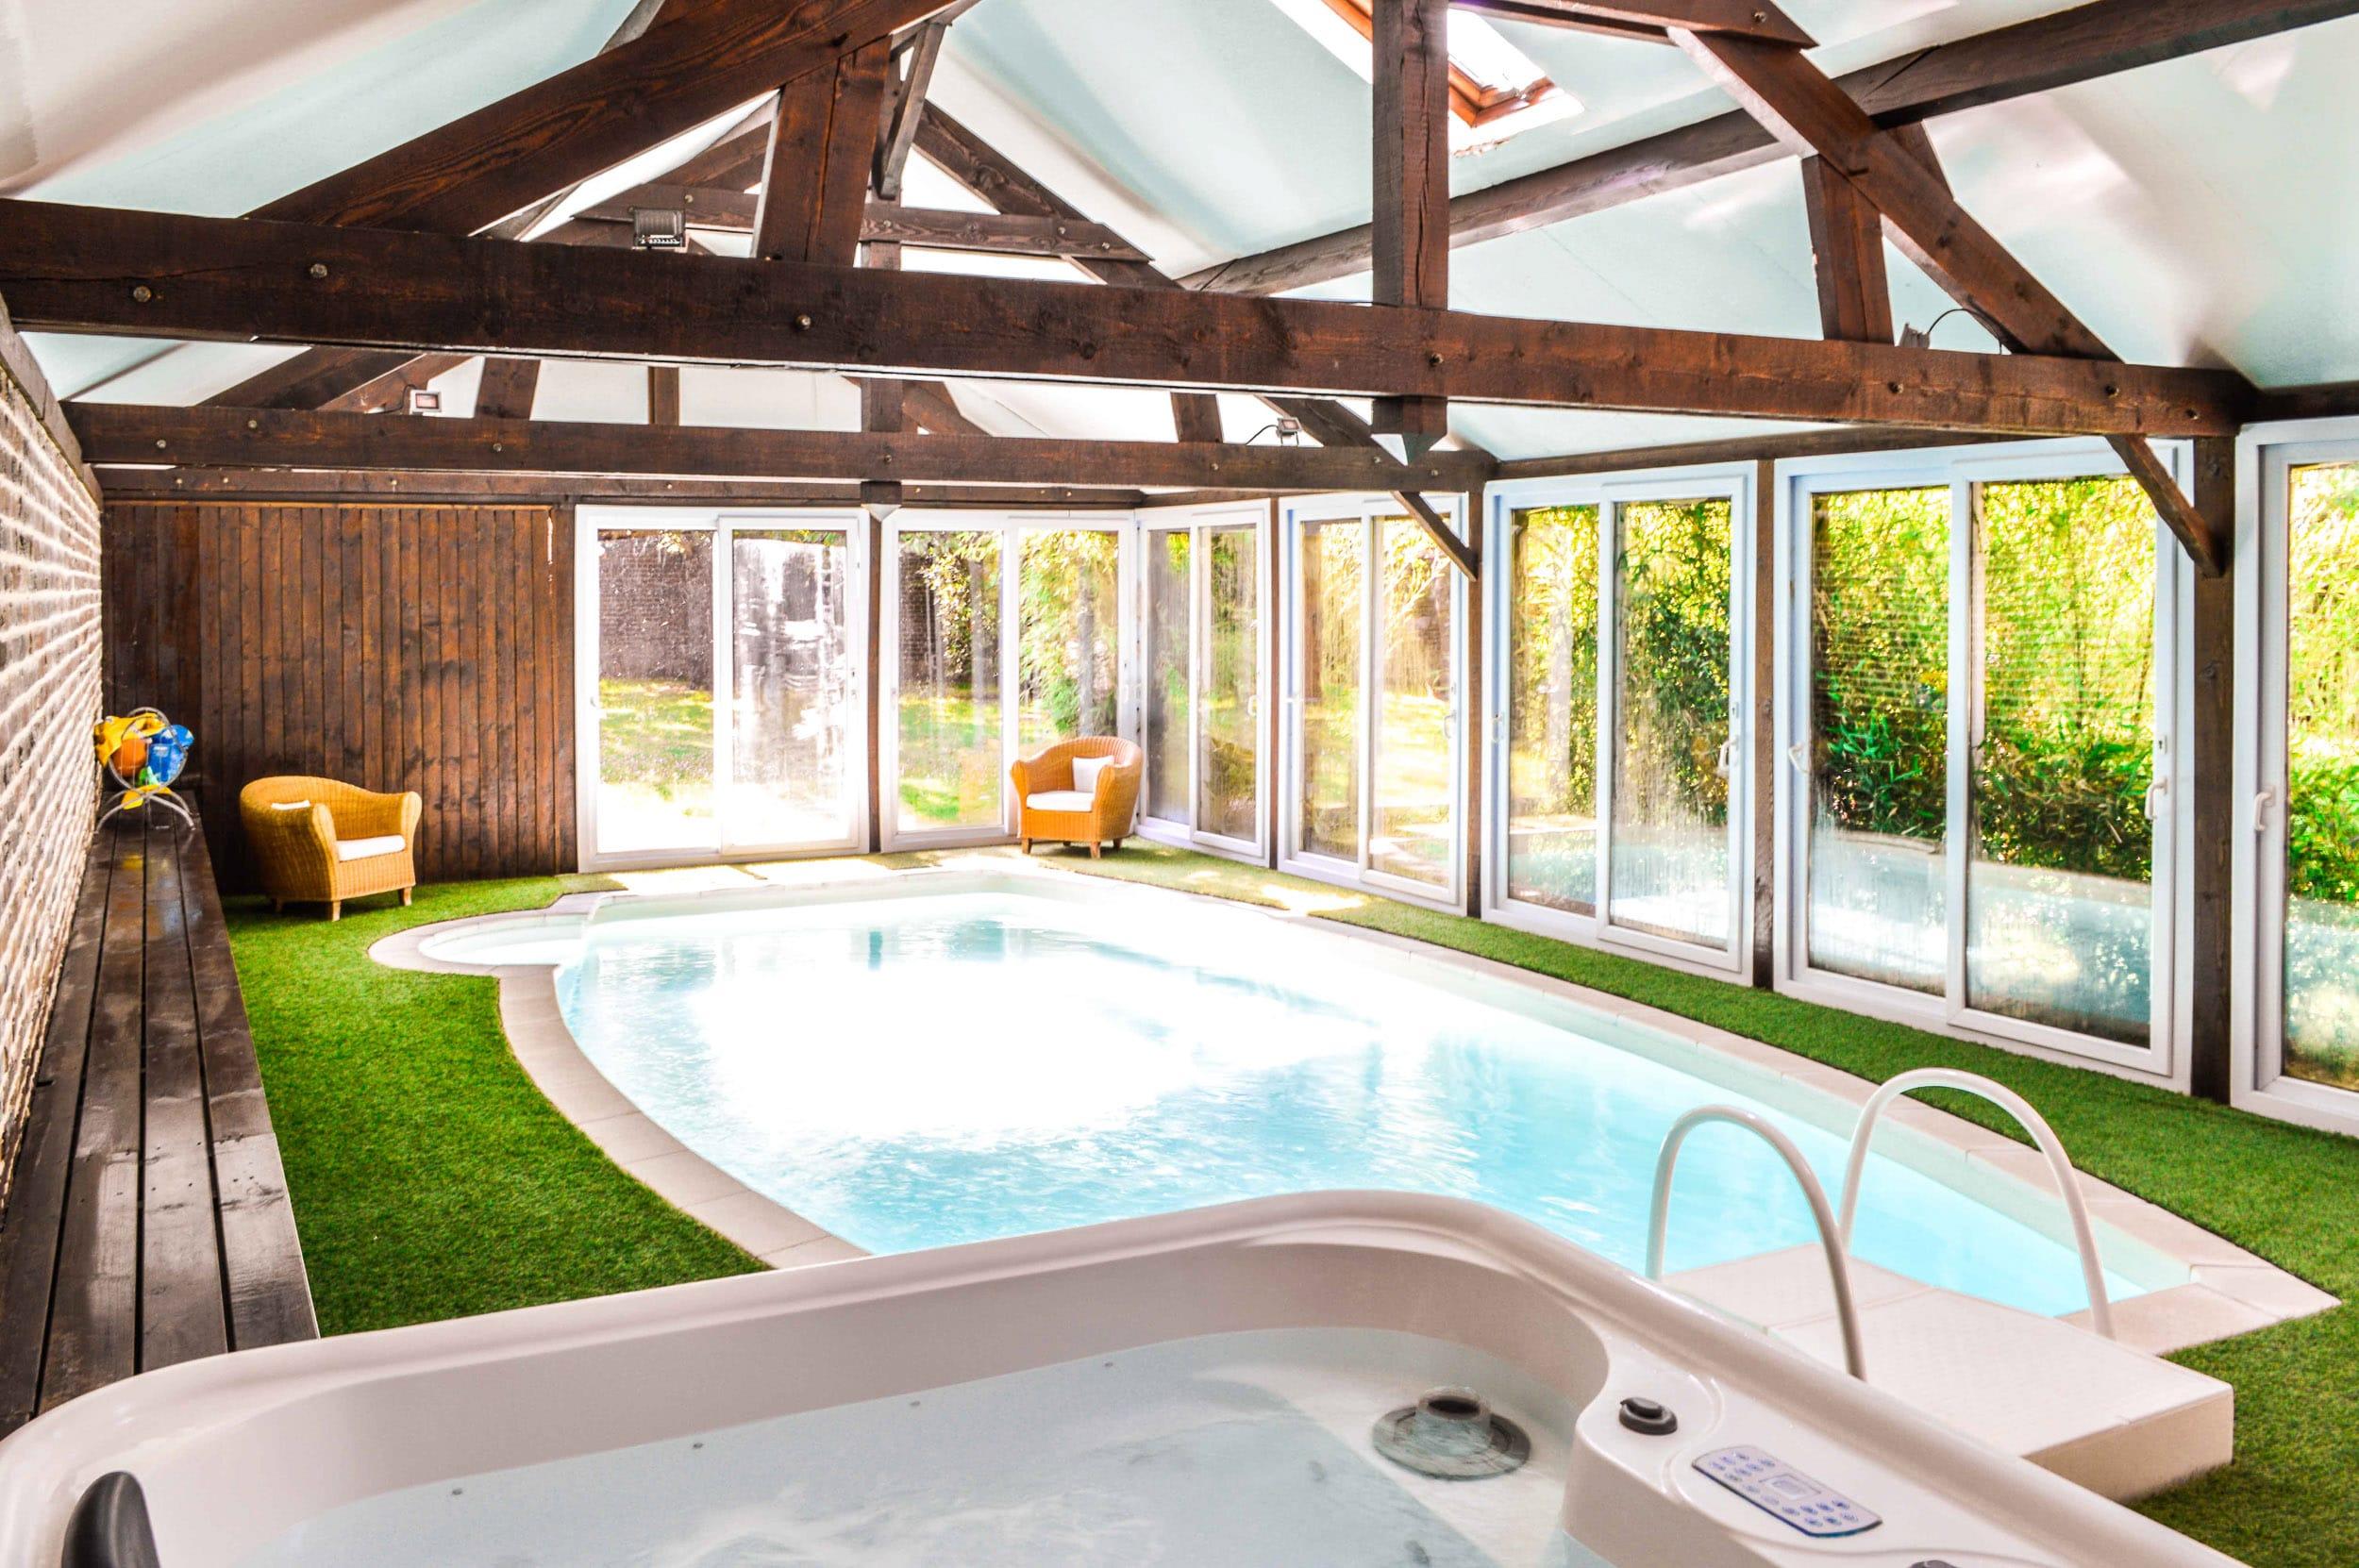 Hotel avec piscine meru les granges haillancourt 2 2 les for Appart hotel montpellier avec piscine